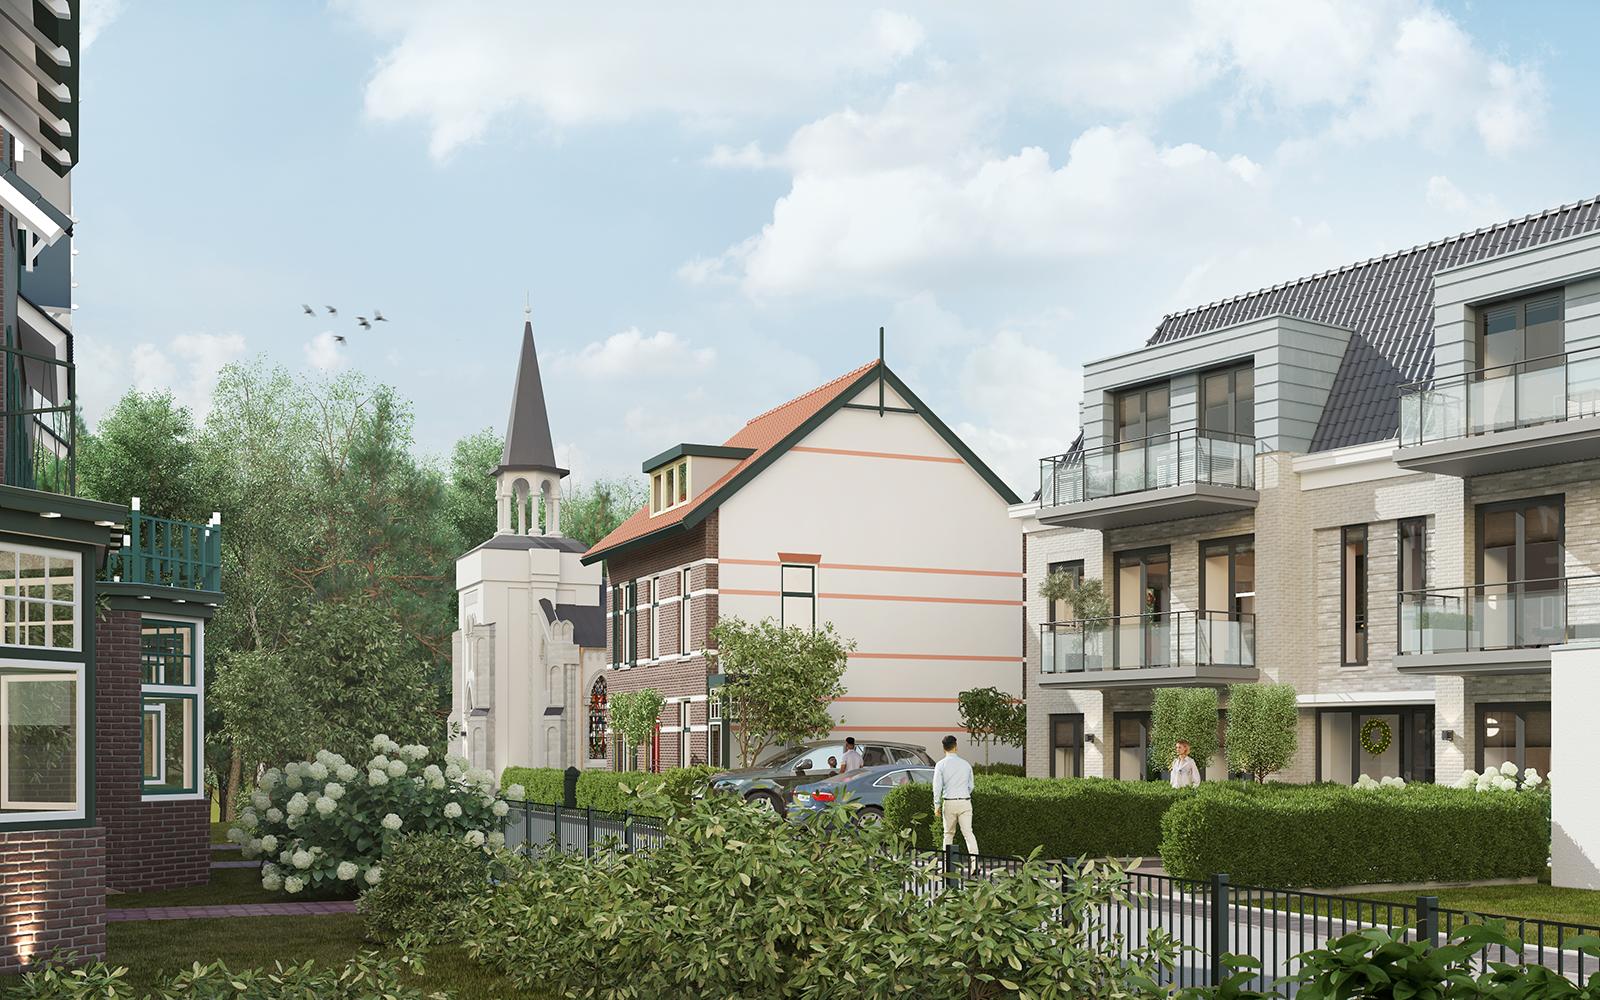 Nieuwbouwproject aan de Kampstraat in Baarn gaat in de verkoop. Zes woningen van minimaal 550.000 euro op plek oude galvaniseerfabriek